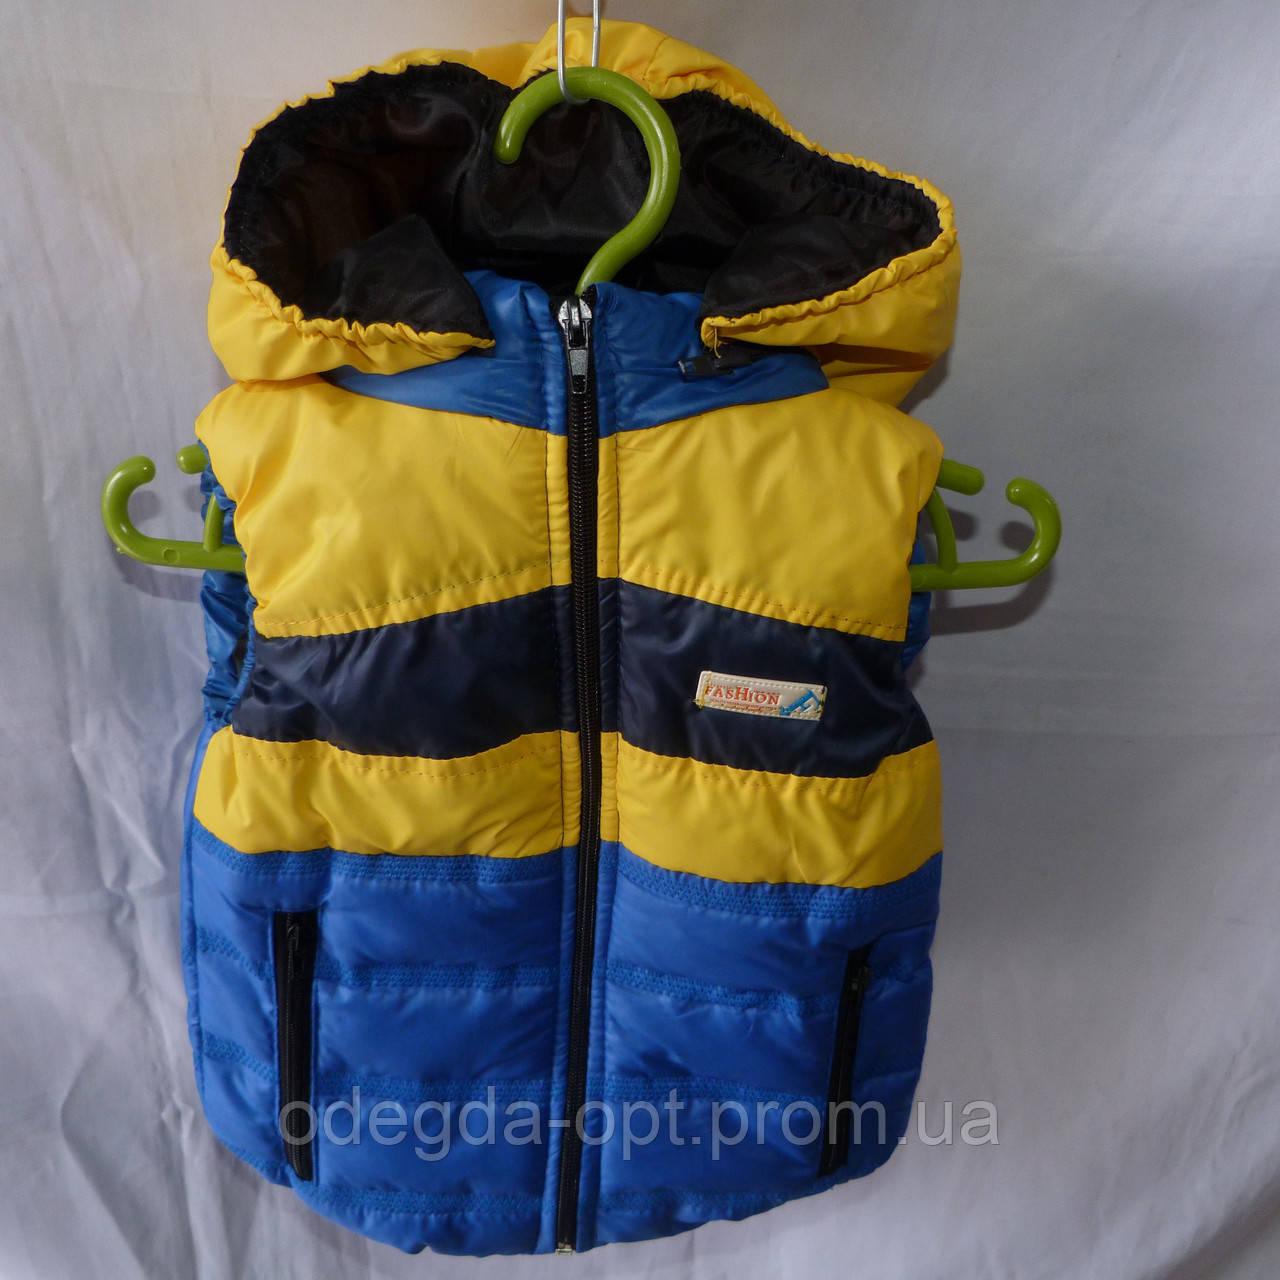 ЖИЛЕТКА ДЕТСКАЯ НА синтепоне 1-5 лет купить оптом в Одессе дешево, фото 1